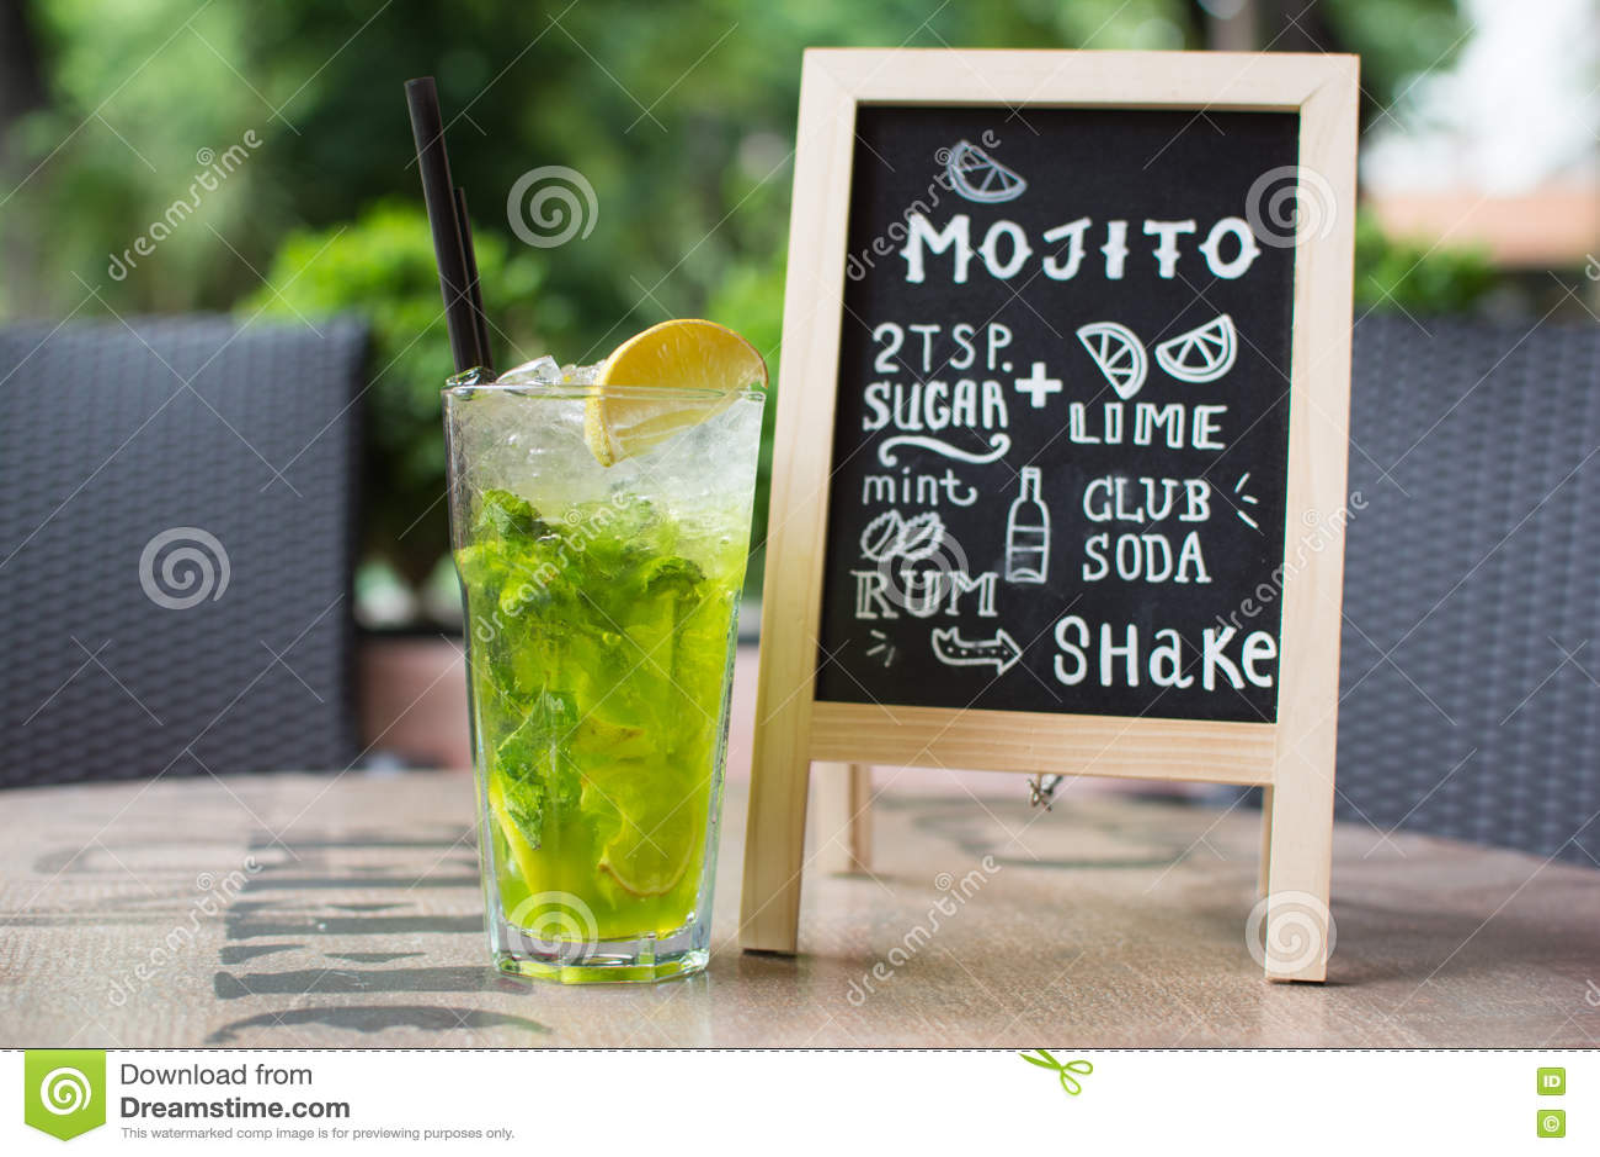 mojito recept